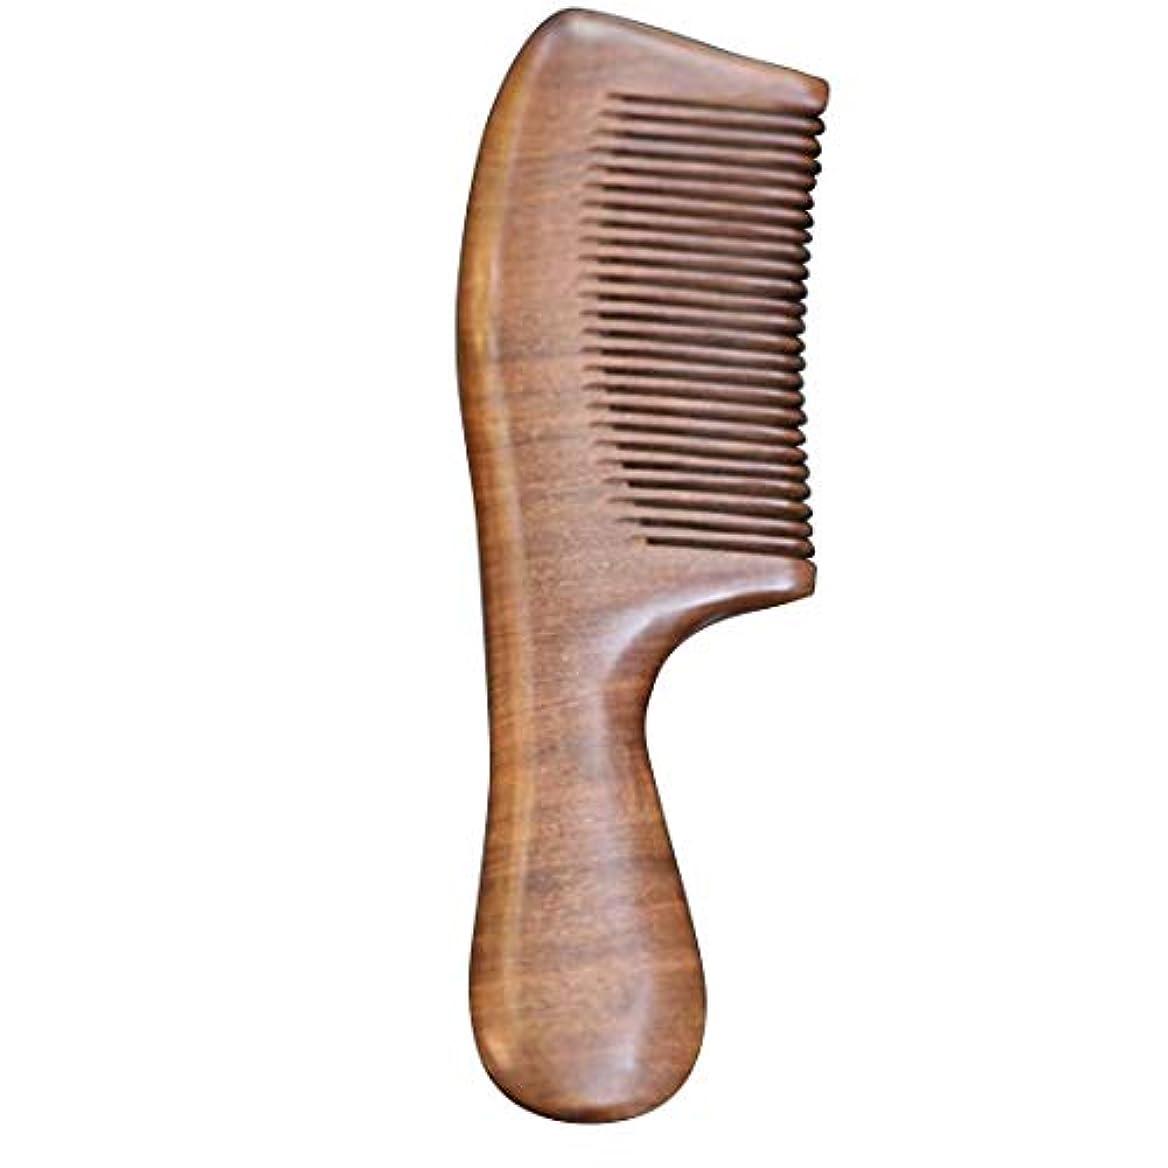 征服するやさしく半径帯電防止の木及びギフト用の箱20cmが付いている頭髪のためのほつれた手作りのブラシ無し、ヘアーコームの家族 モデリングツール (色 : ゴールド)